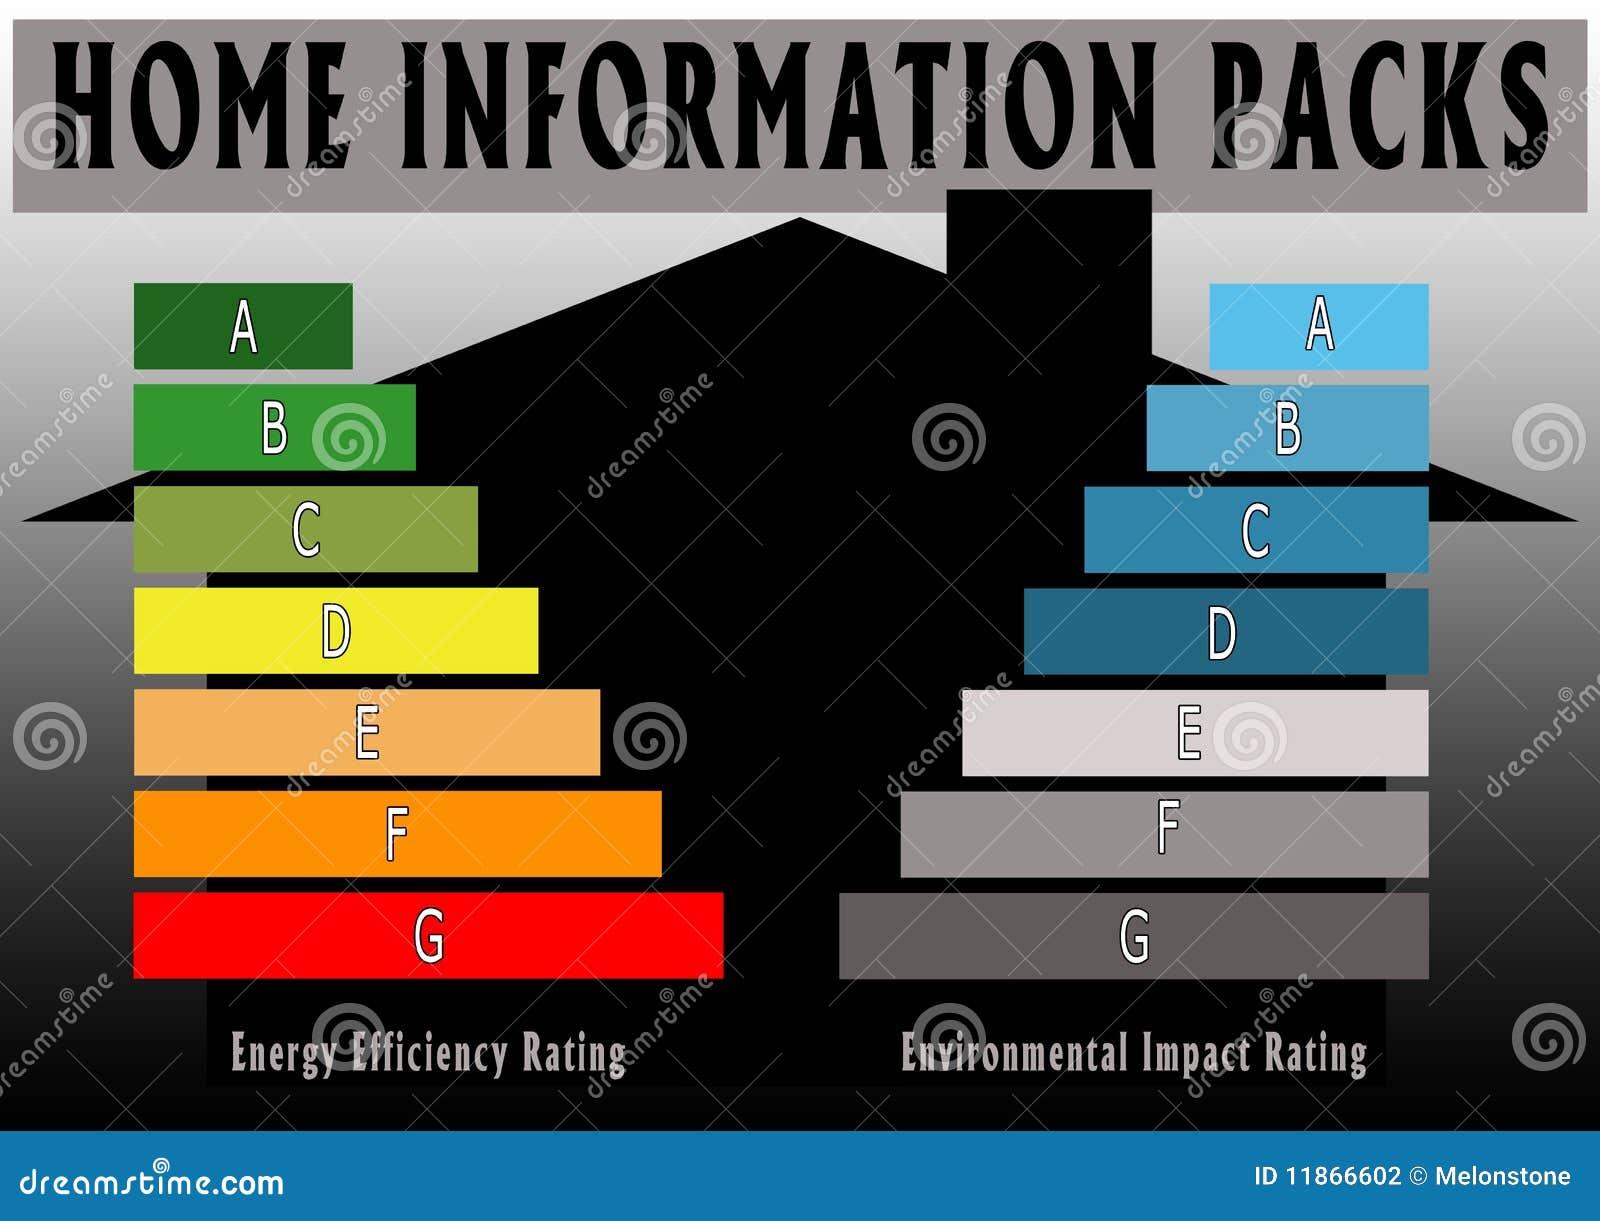 效率能源家信息装箱